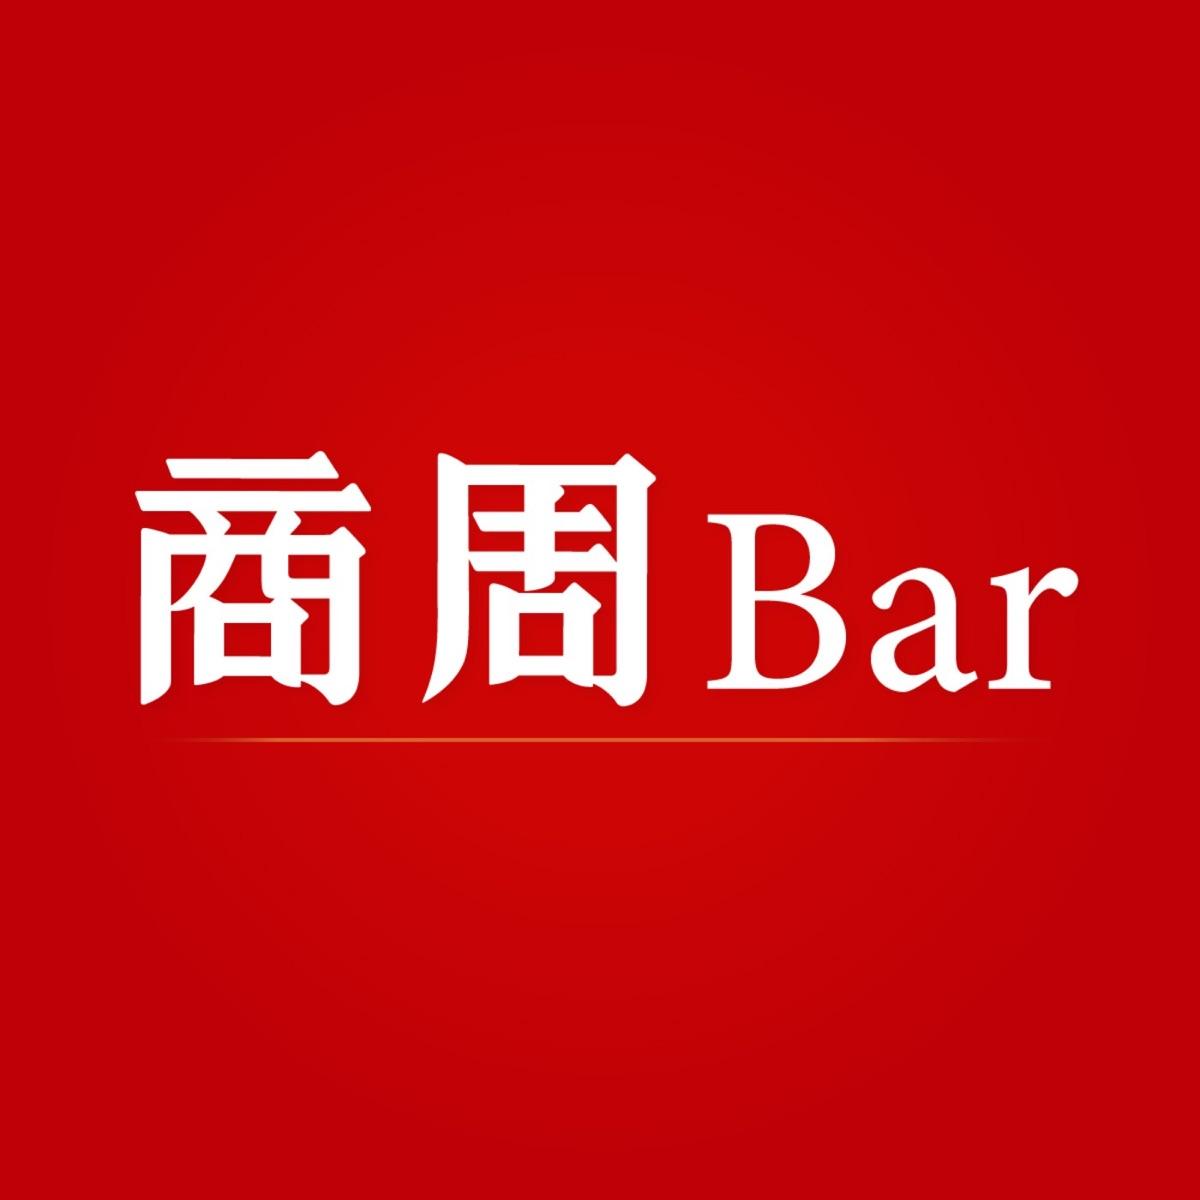 商周 Bar Podcast